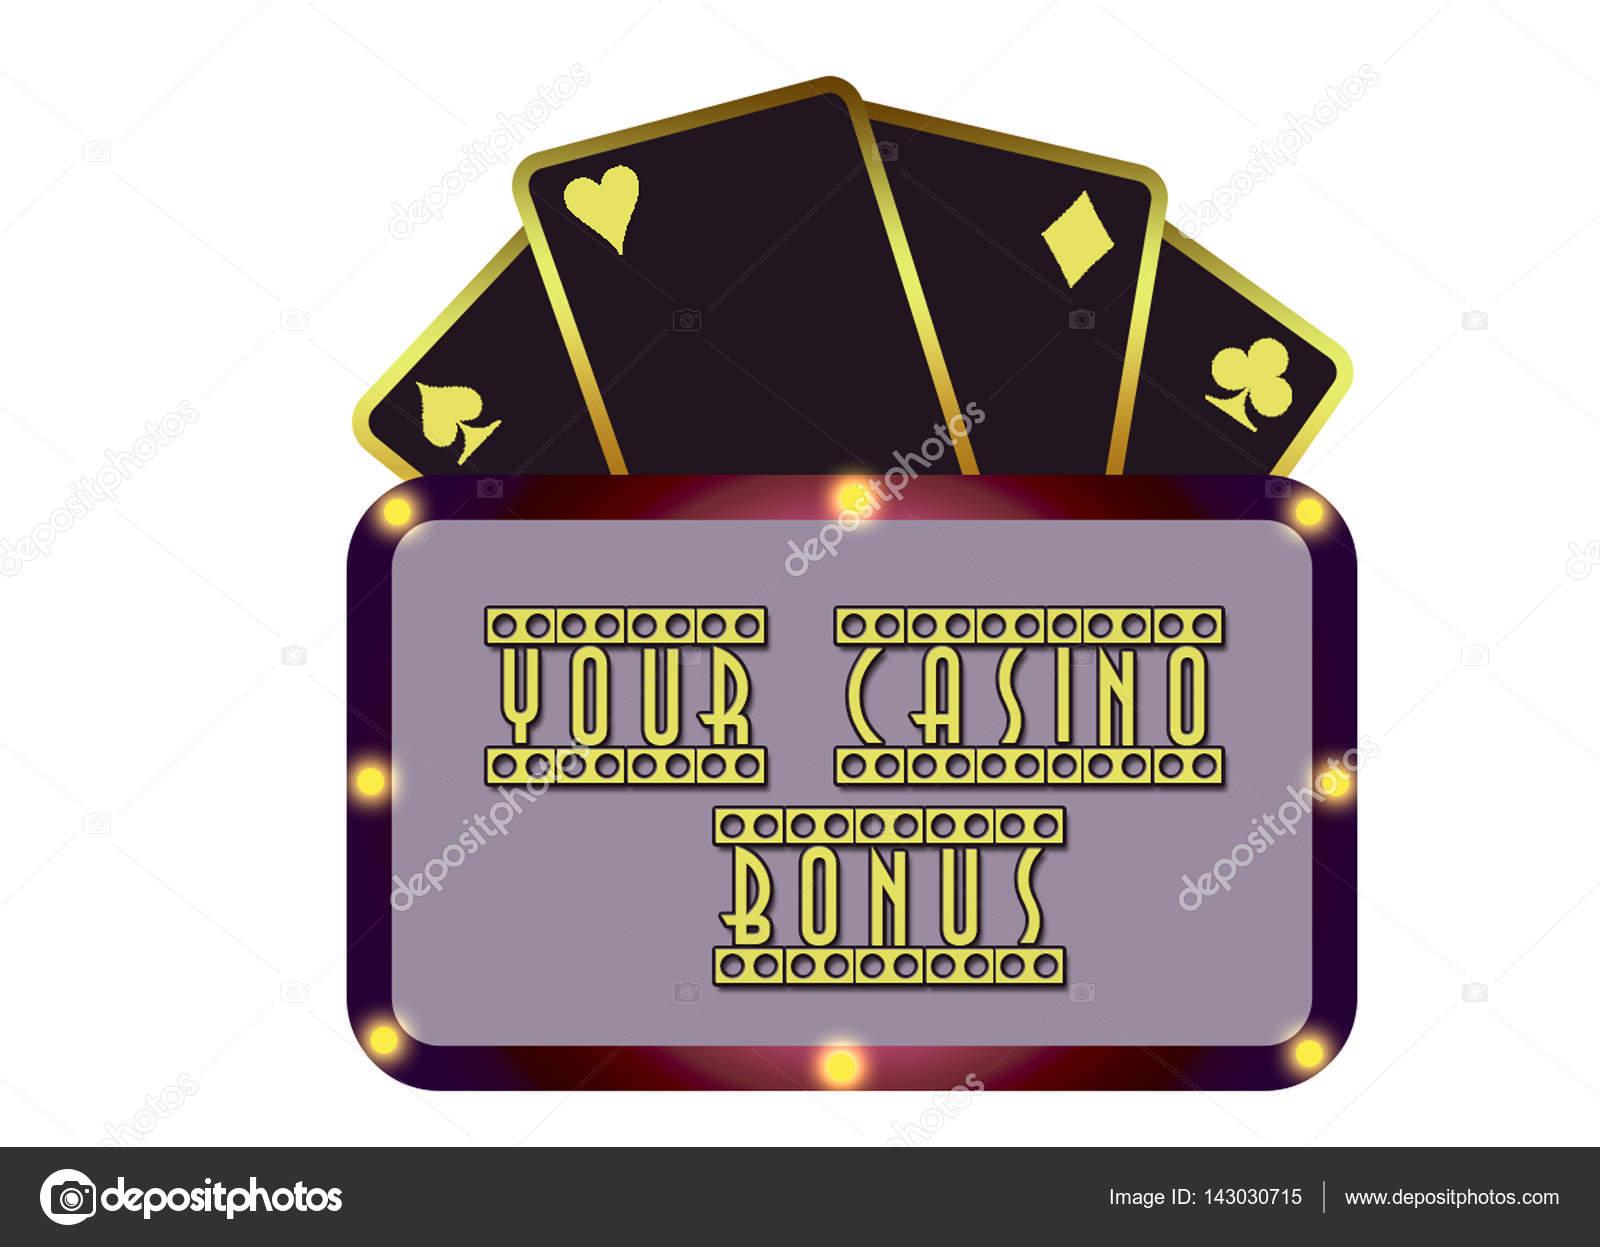 24 vip casino no deposit bonus codes